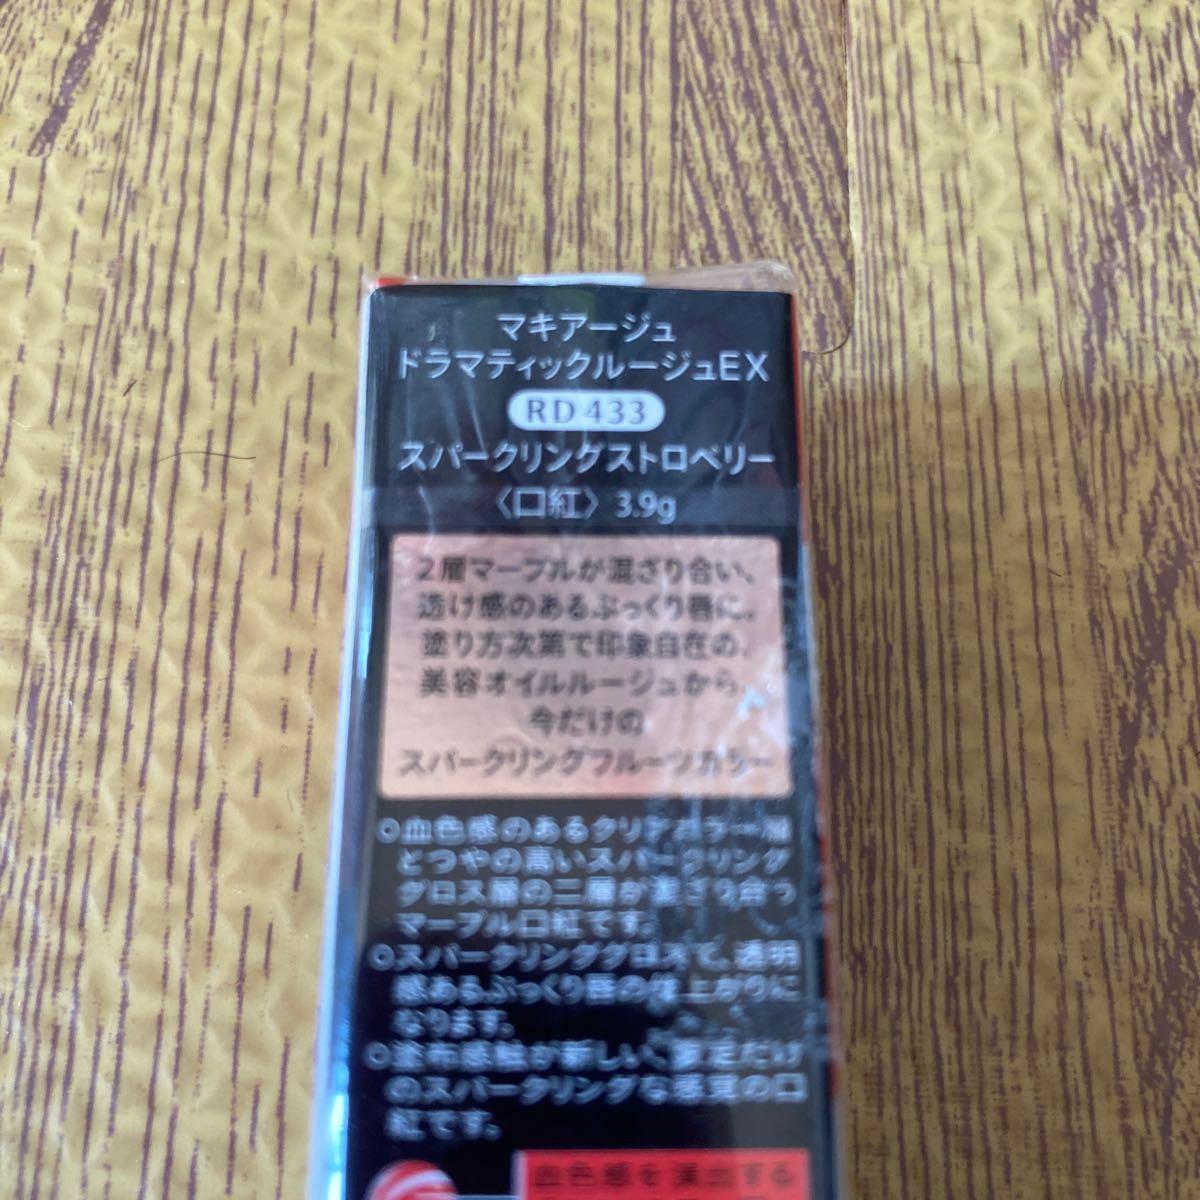 マキアージュ ドラマティックルージュEX R D433 スパークリングストロベリー 口紅